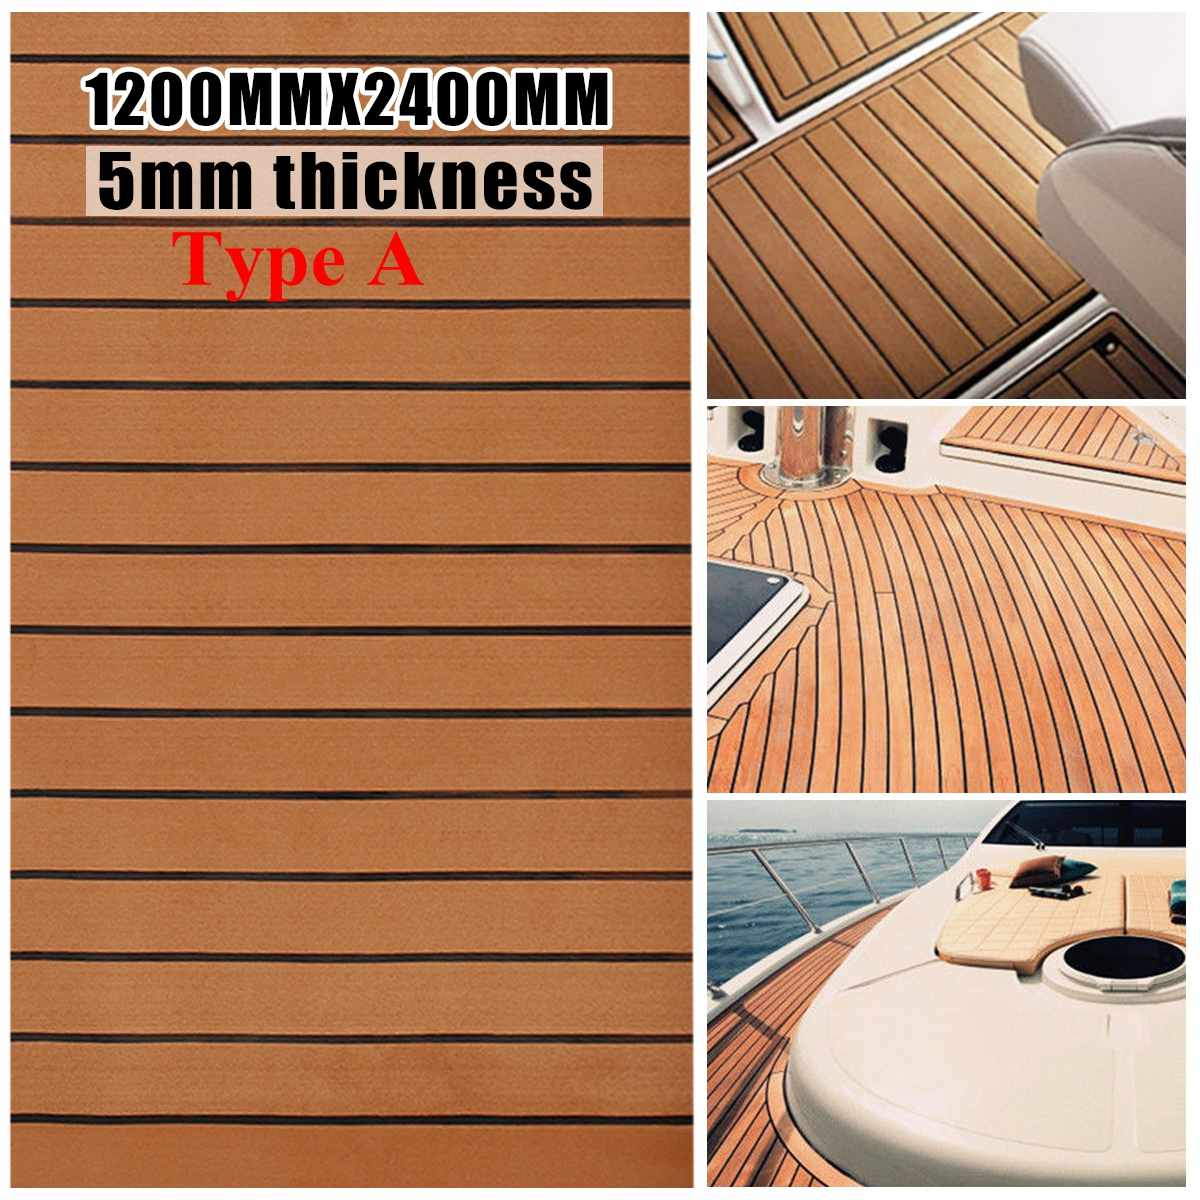 Multi-taille EVA mousse Faux teck platelage feuille brun foncé Marine bateau 35